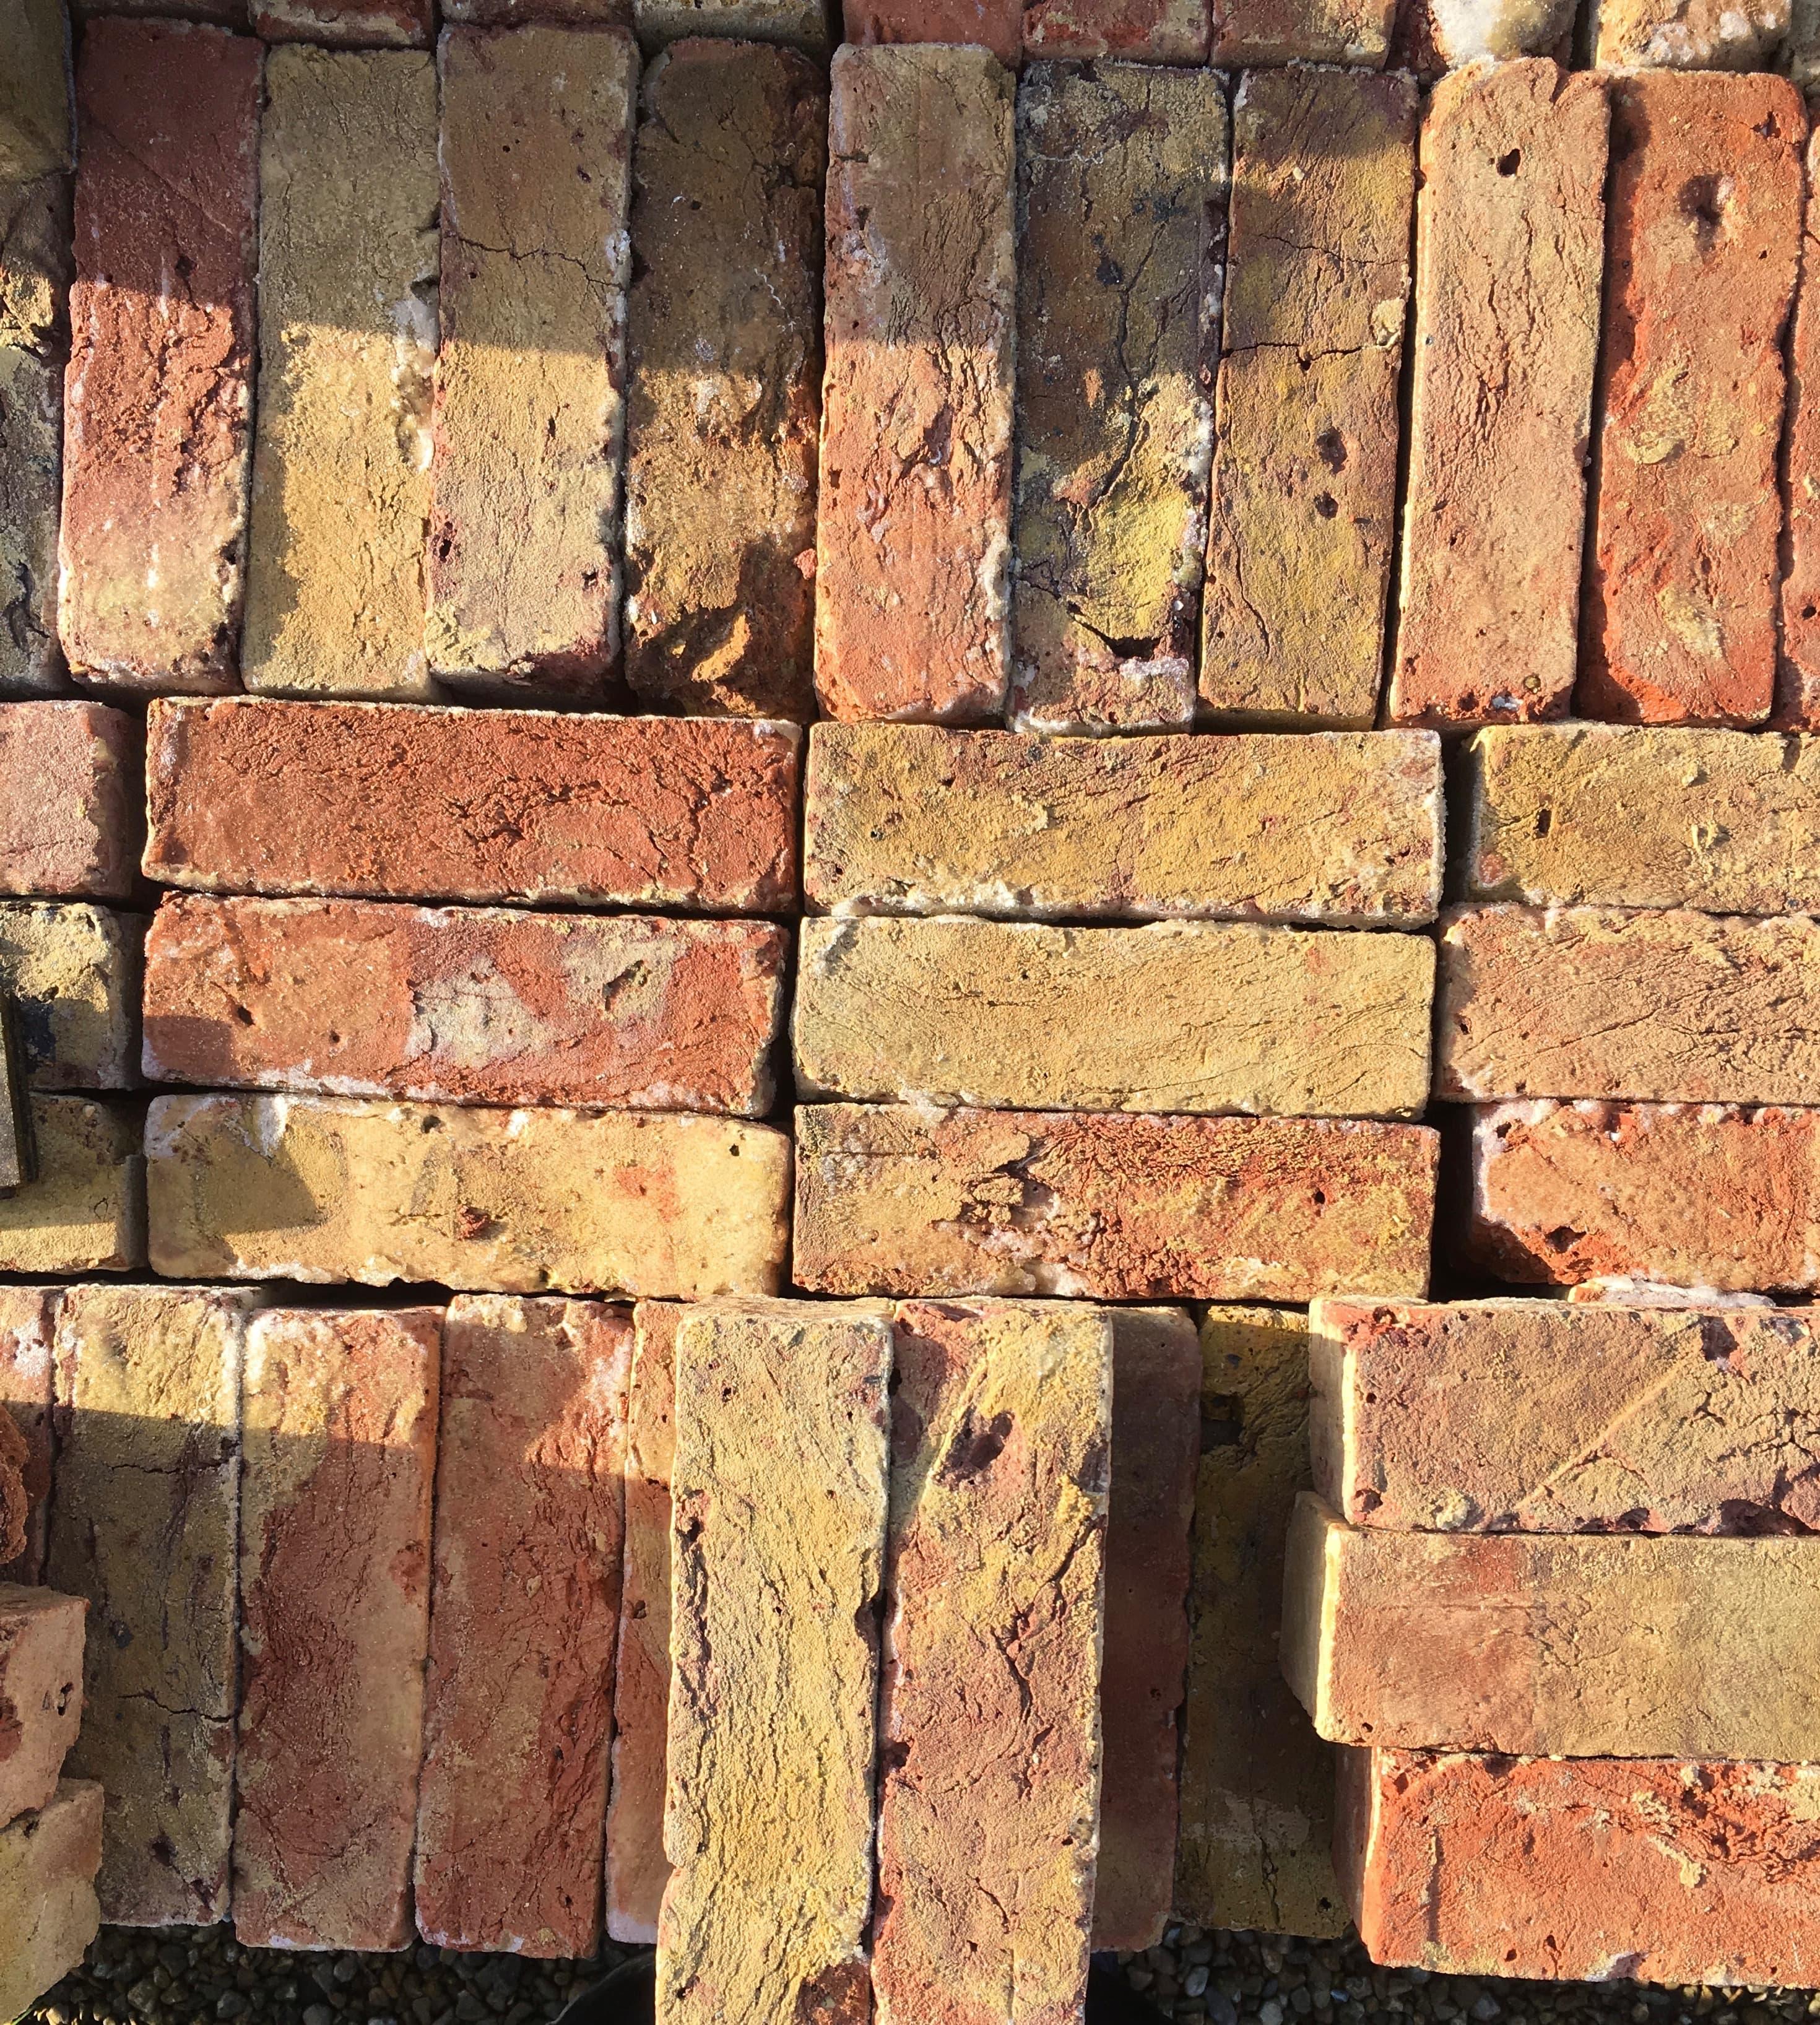 slider 3 bricksjpg-min